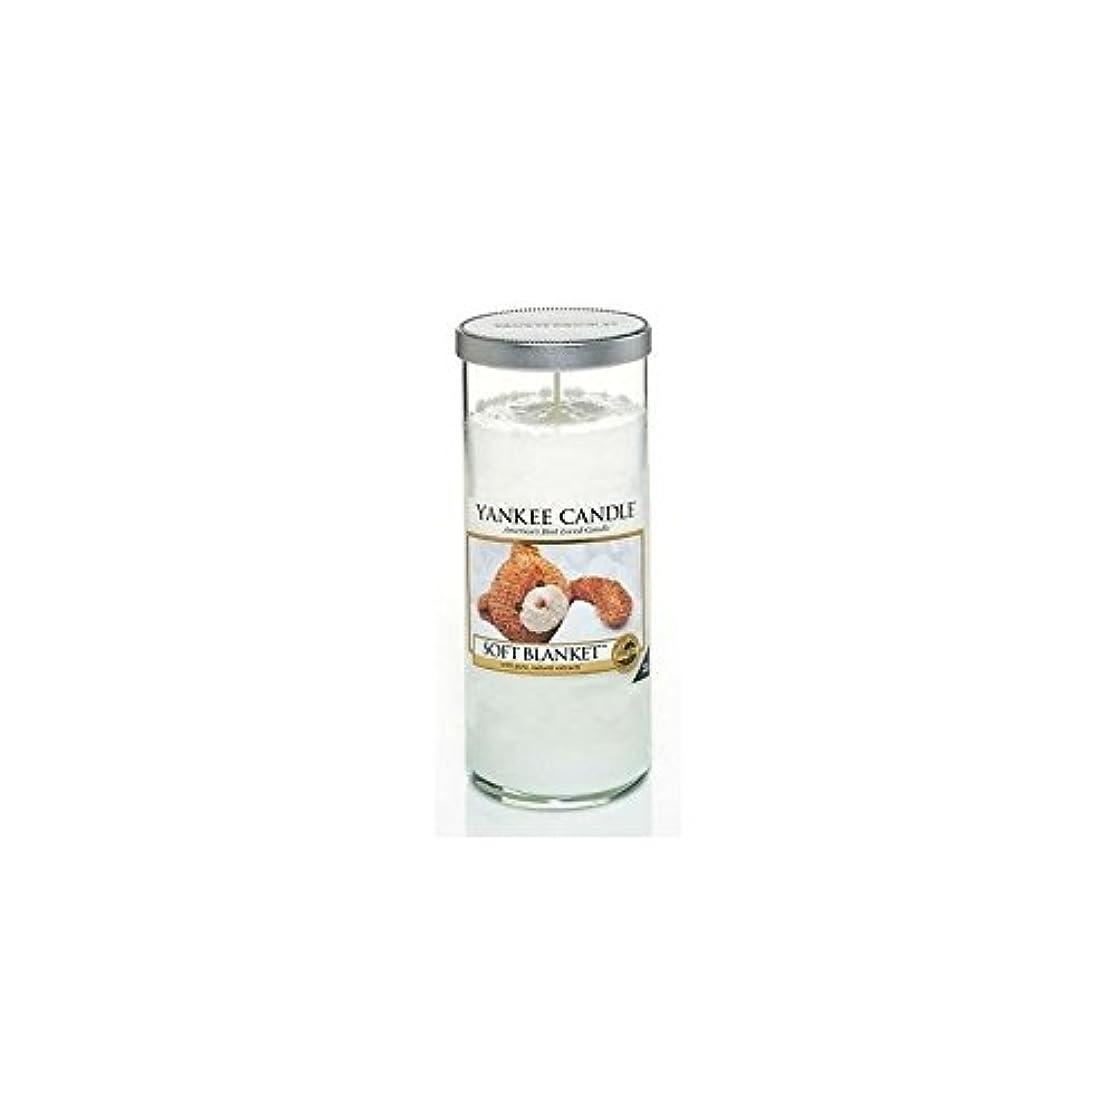 編集する定義社交的Yankee Candles Large Pillar Candle - Soft Blanket (Pack of 6) - ヤンキーキャンドル大きな柱キャンドル - ソフト毛布 (x6) [並行輸入品]